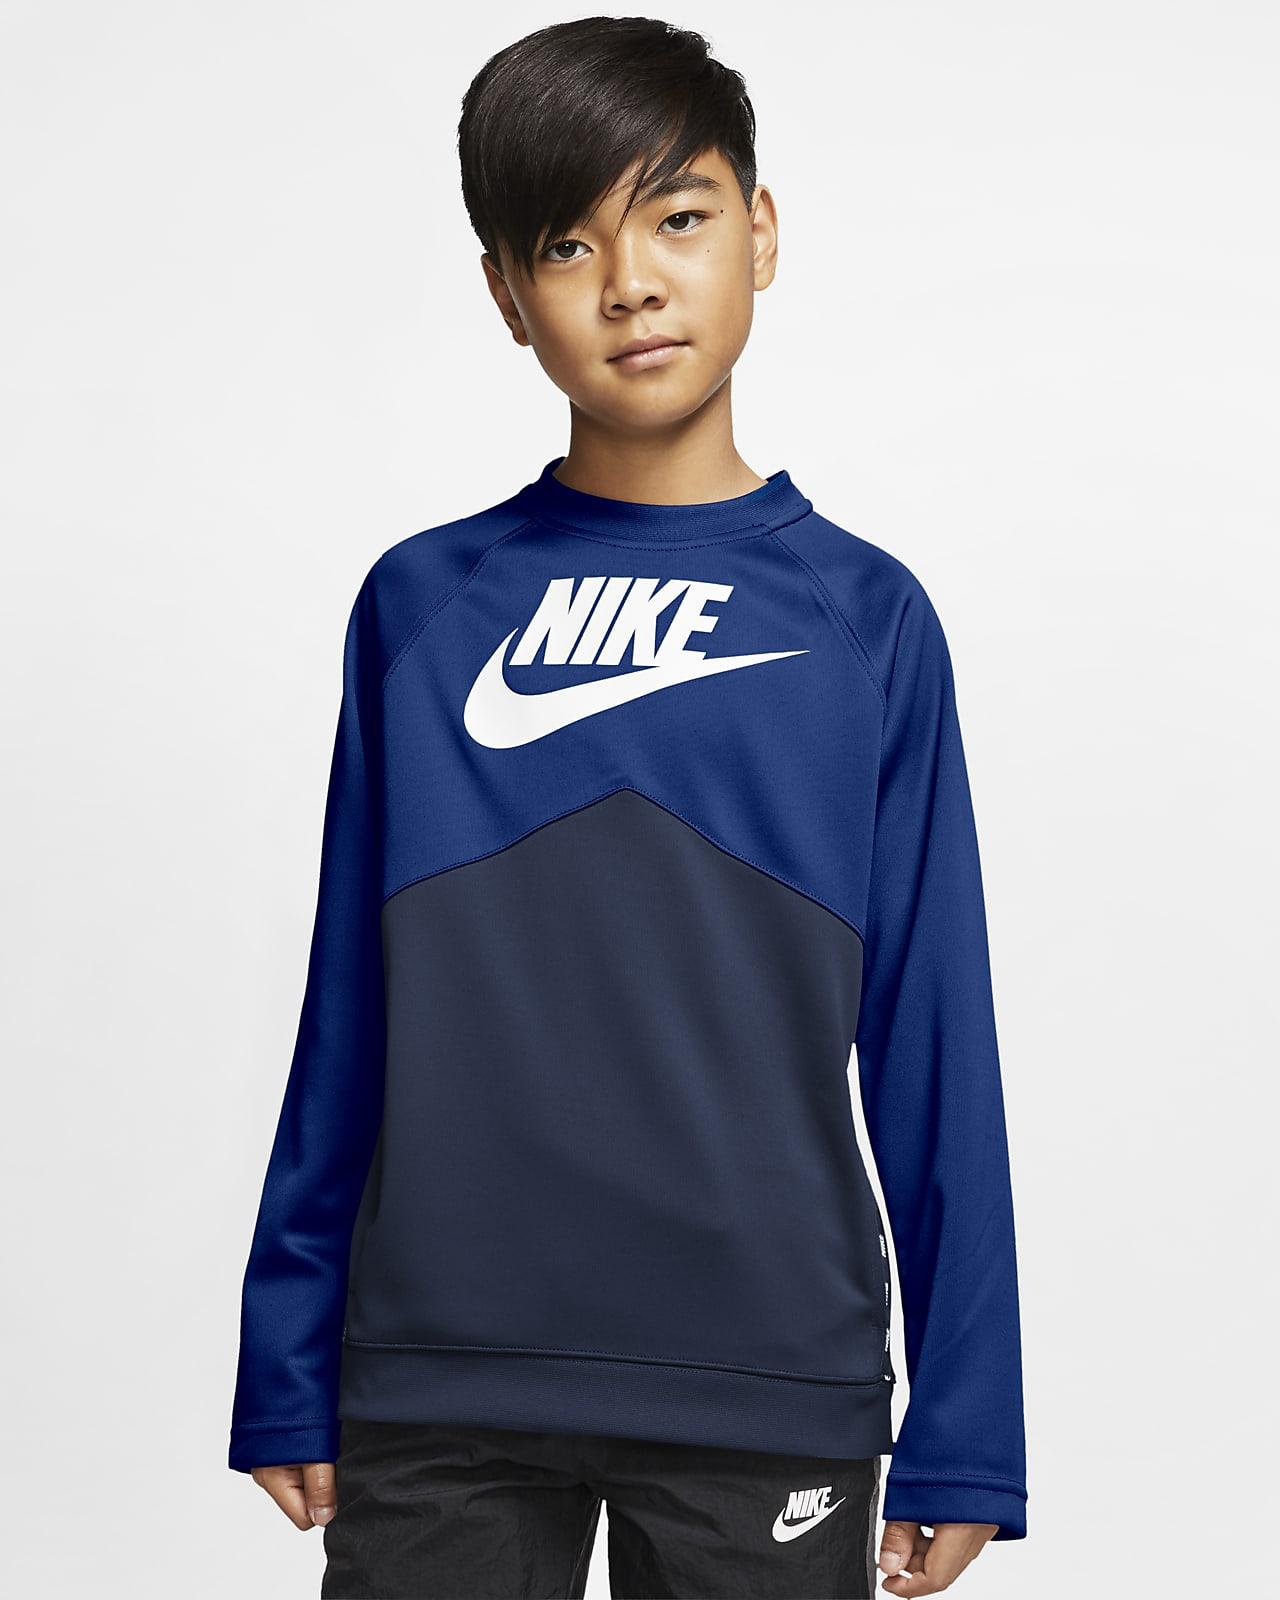 Tröja med rundad hals Nike Sportswear för ungdom (killar)